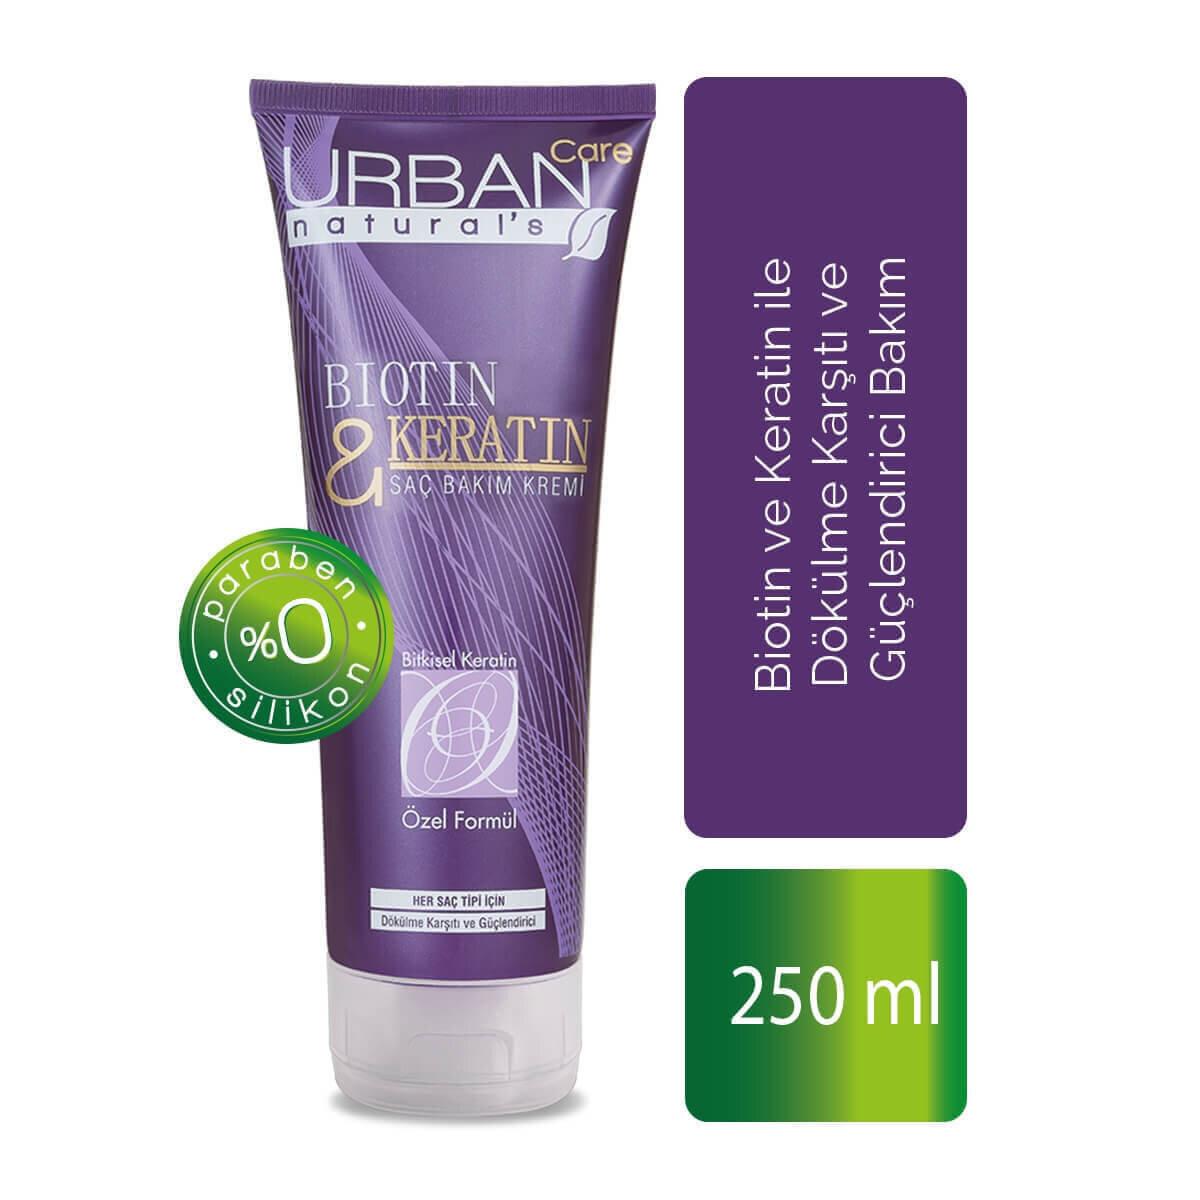 Biotin & Keratin İçeren Dökülme Karşıtı Saç Bakım Kremi 250 ml